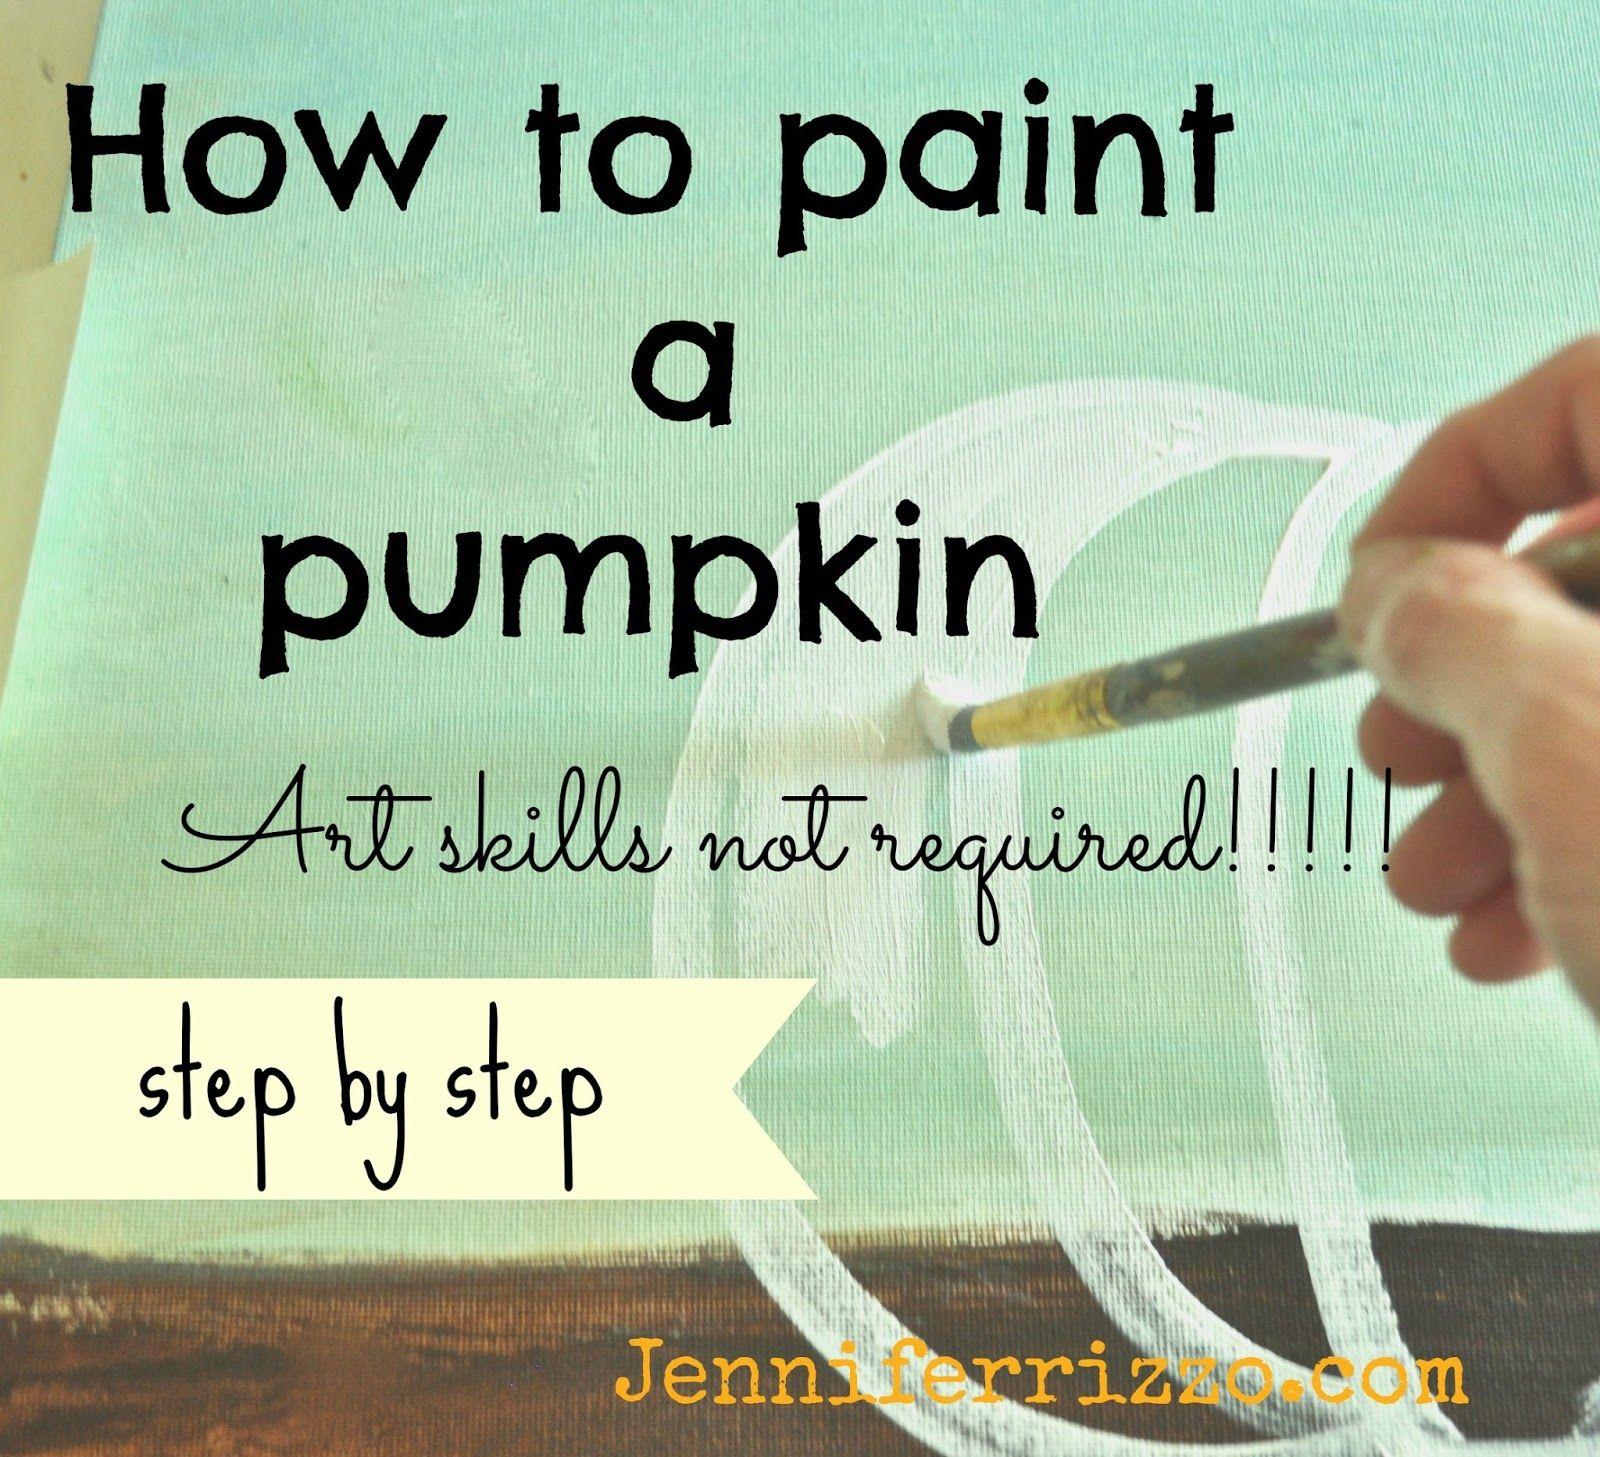 How To Paint A Pumpkin Canvas Art Skills Not Required Art - How to paint a pumpkin